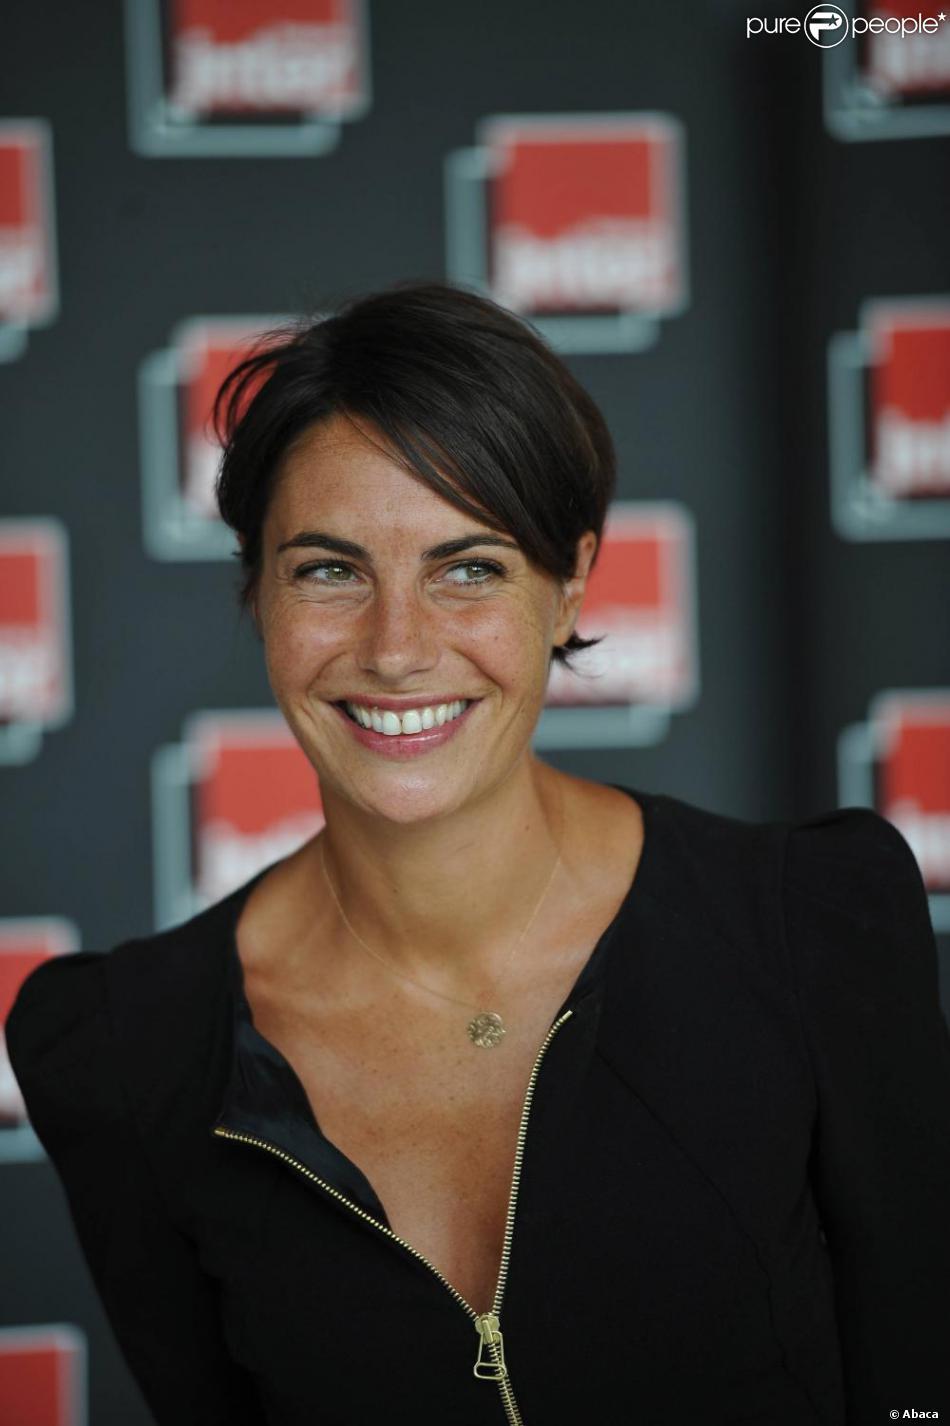 Alessandra sublet va recevoir thierry dugeon - Emission deco france 5 ...